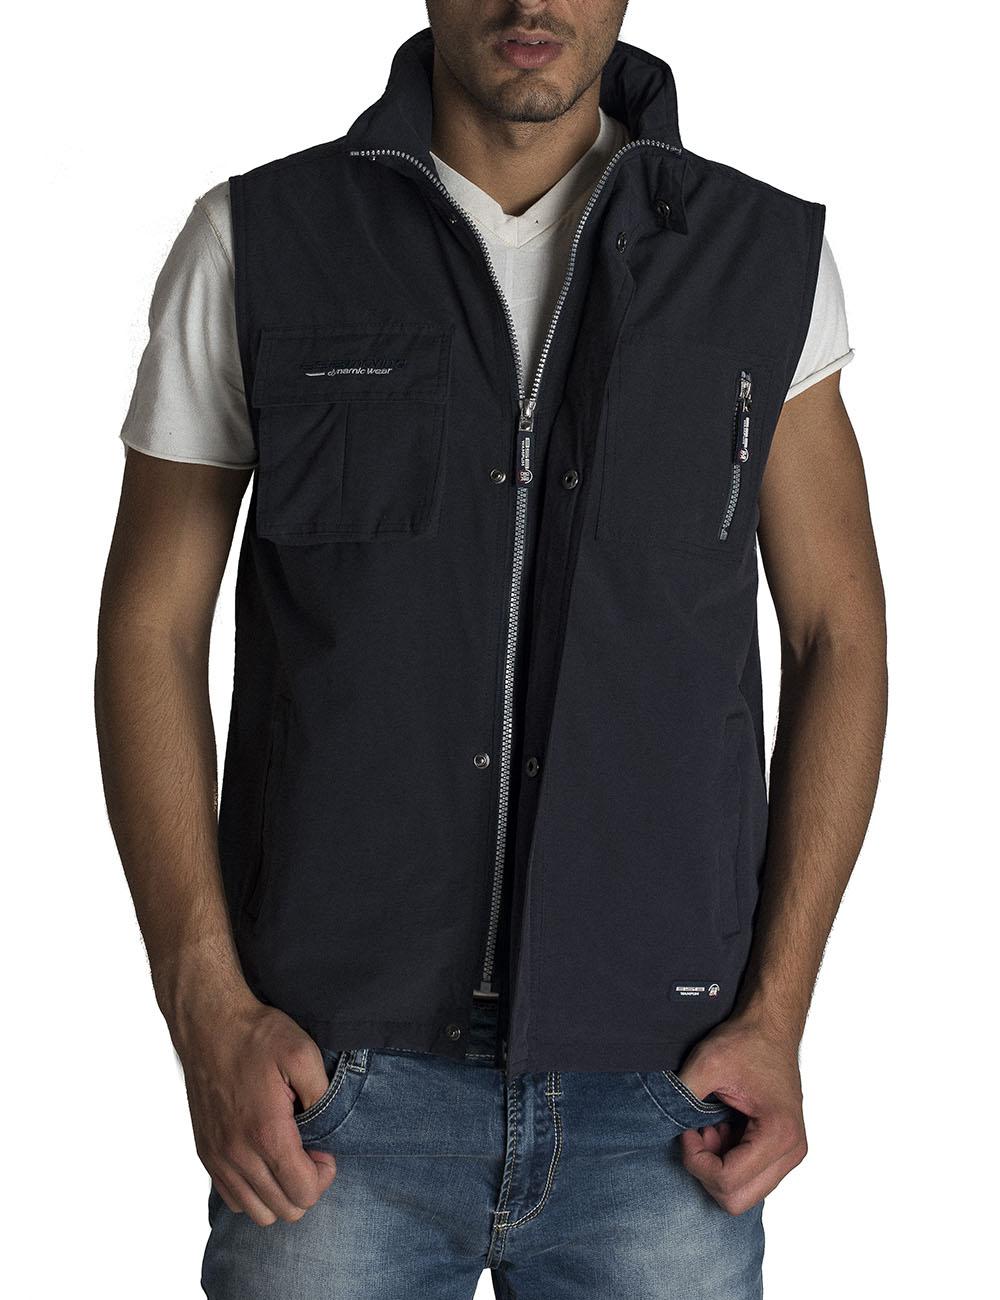 Bifulco Abbigliamento : Abbigliamento Uomo Donna Online